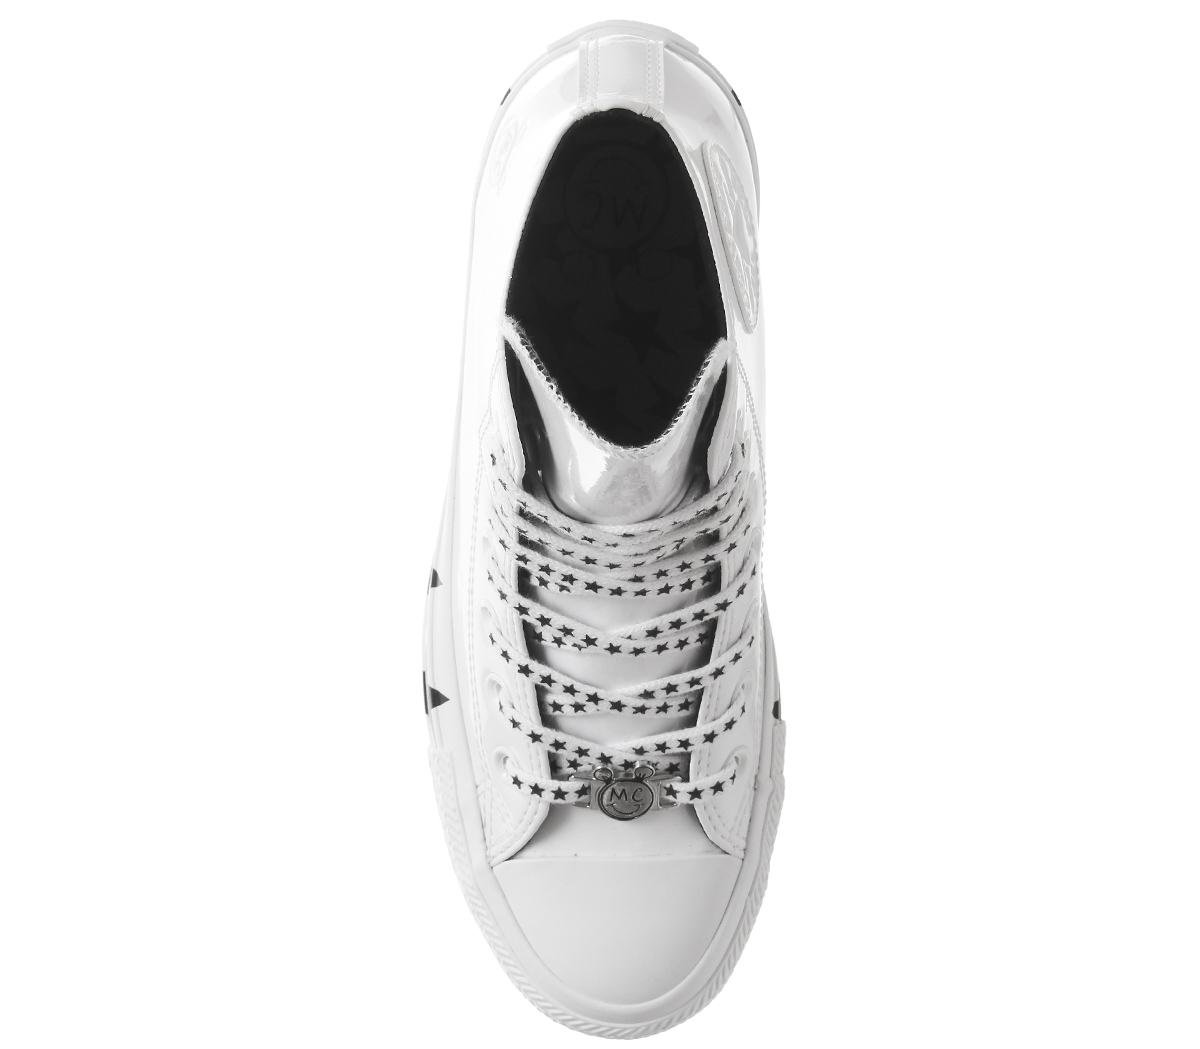 Baskets Converse Noir Hi X Classic Ctas Chaussures Blanc Femme qUnrxqZwd